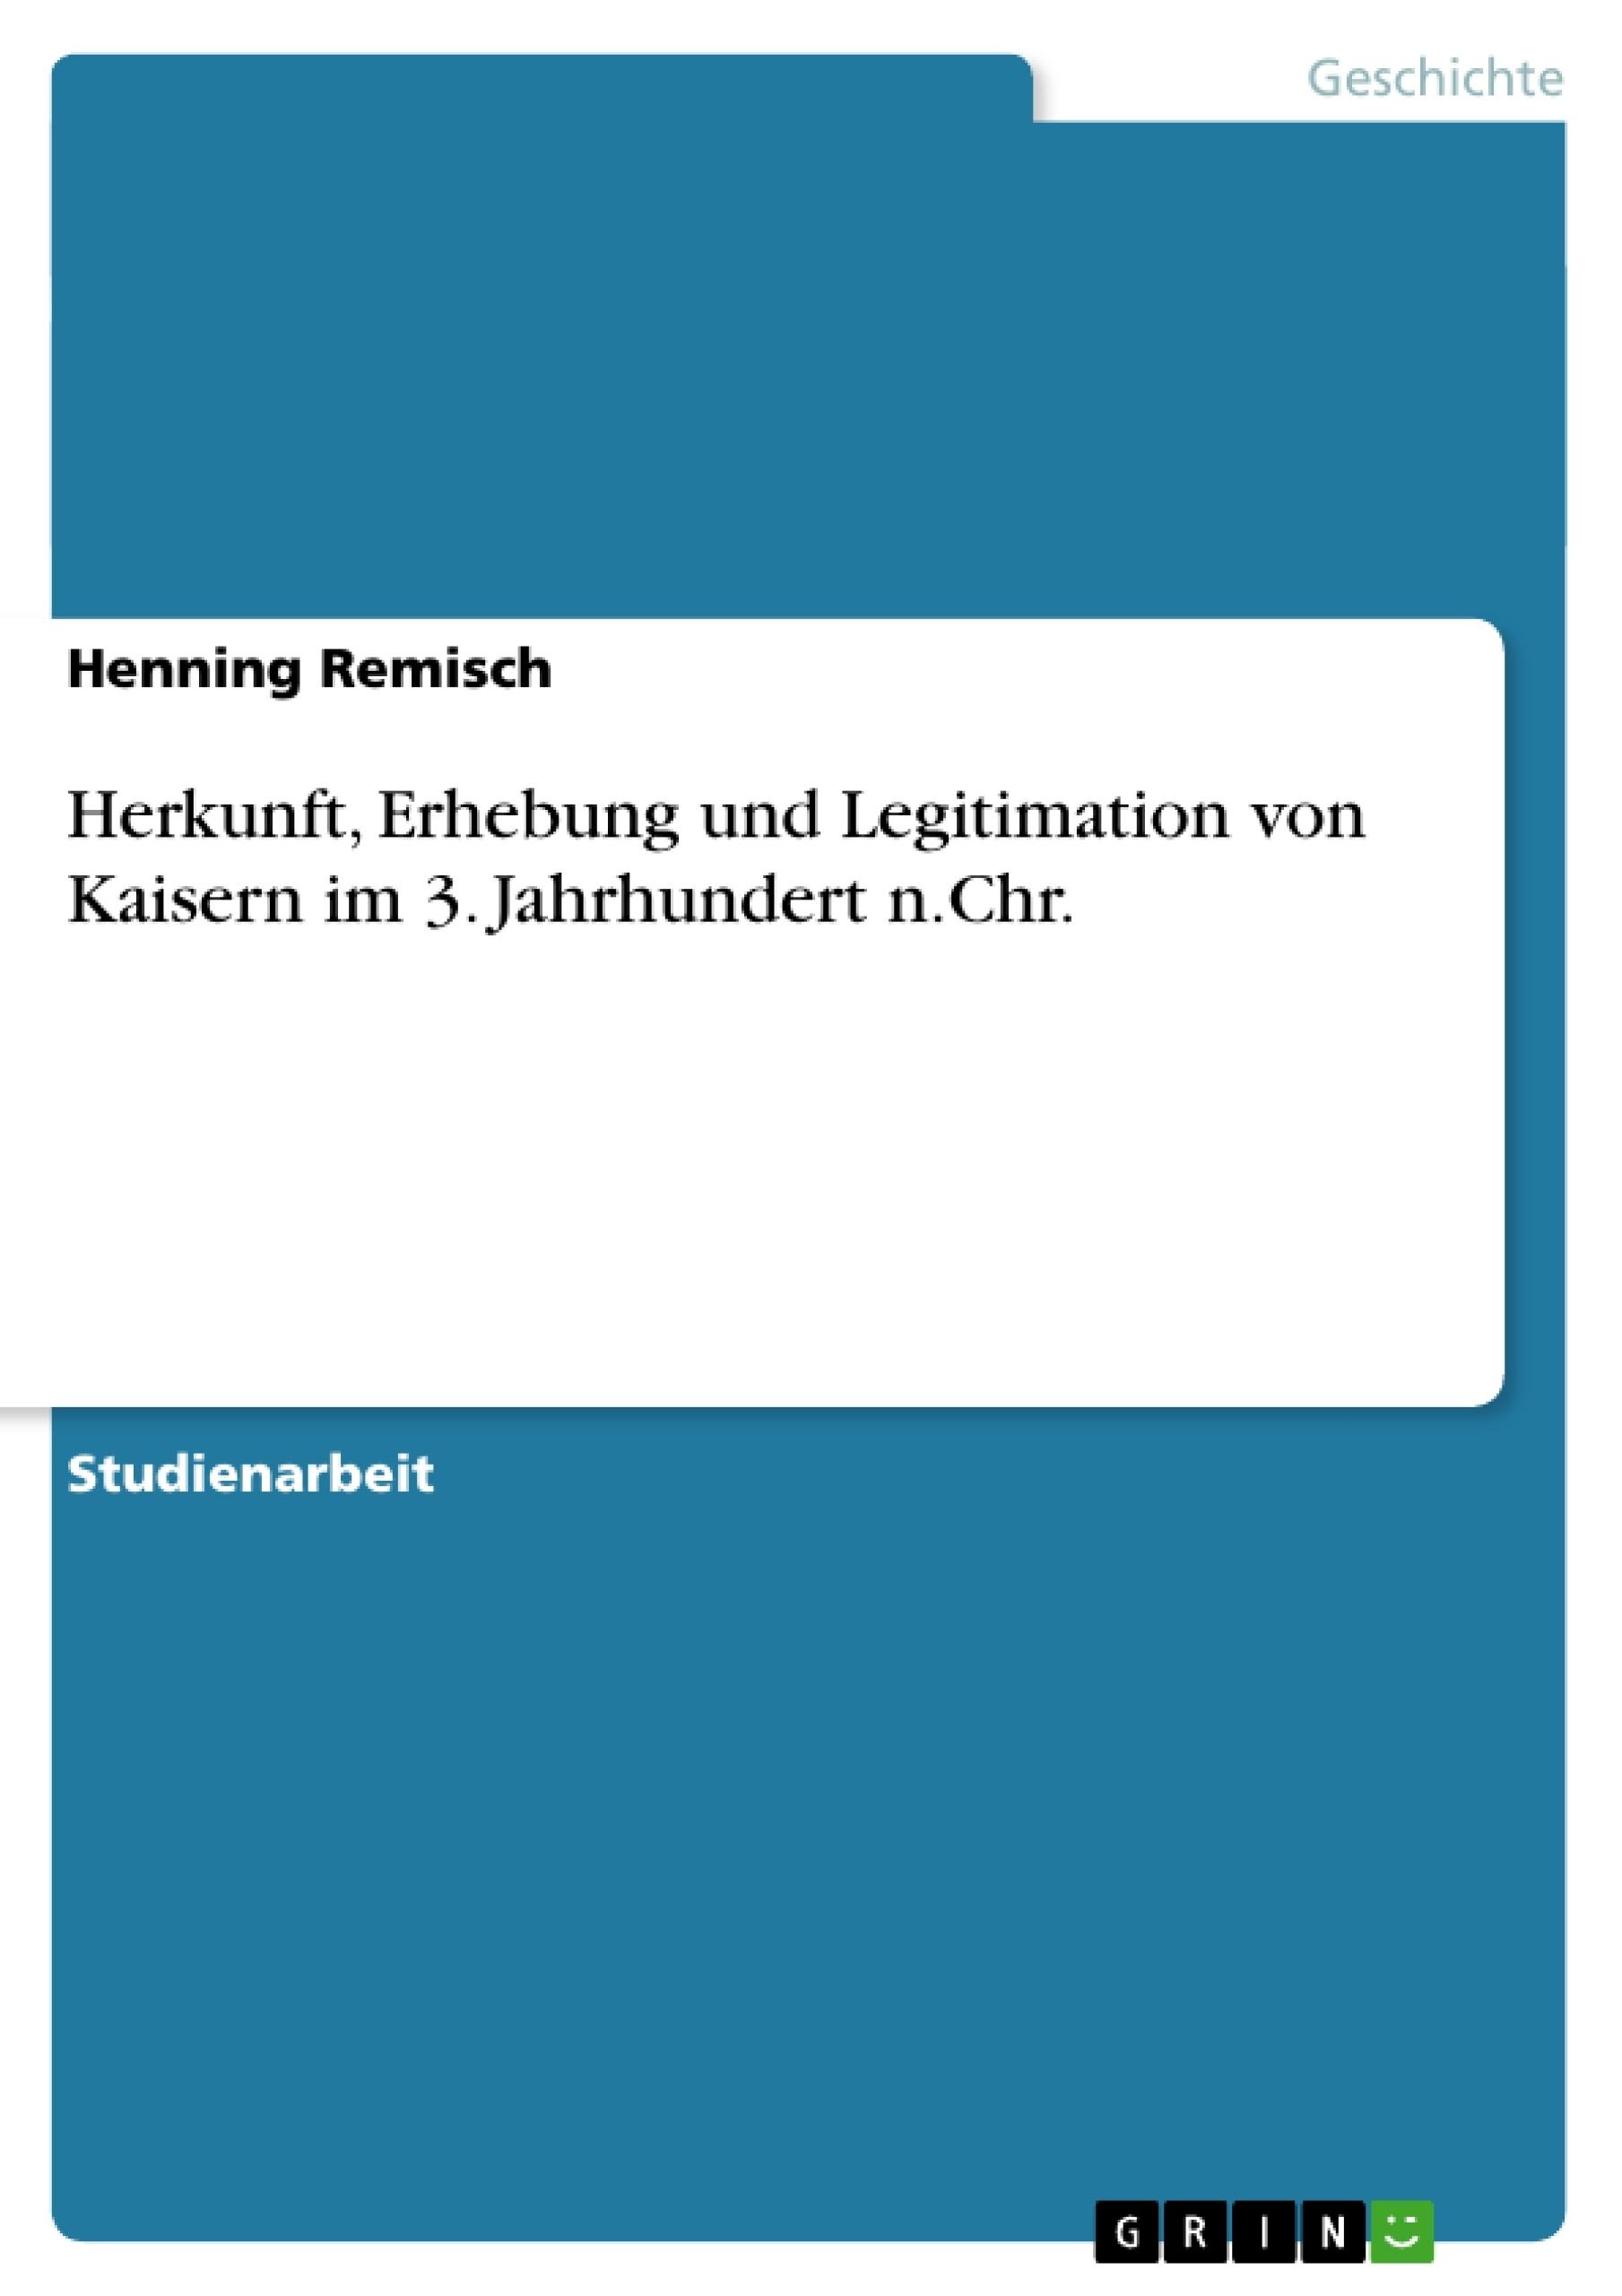 Titel: Herkunft, Erhebung und Legitimation von Kaisern im 3. Jahrhundert n.Chr.